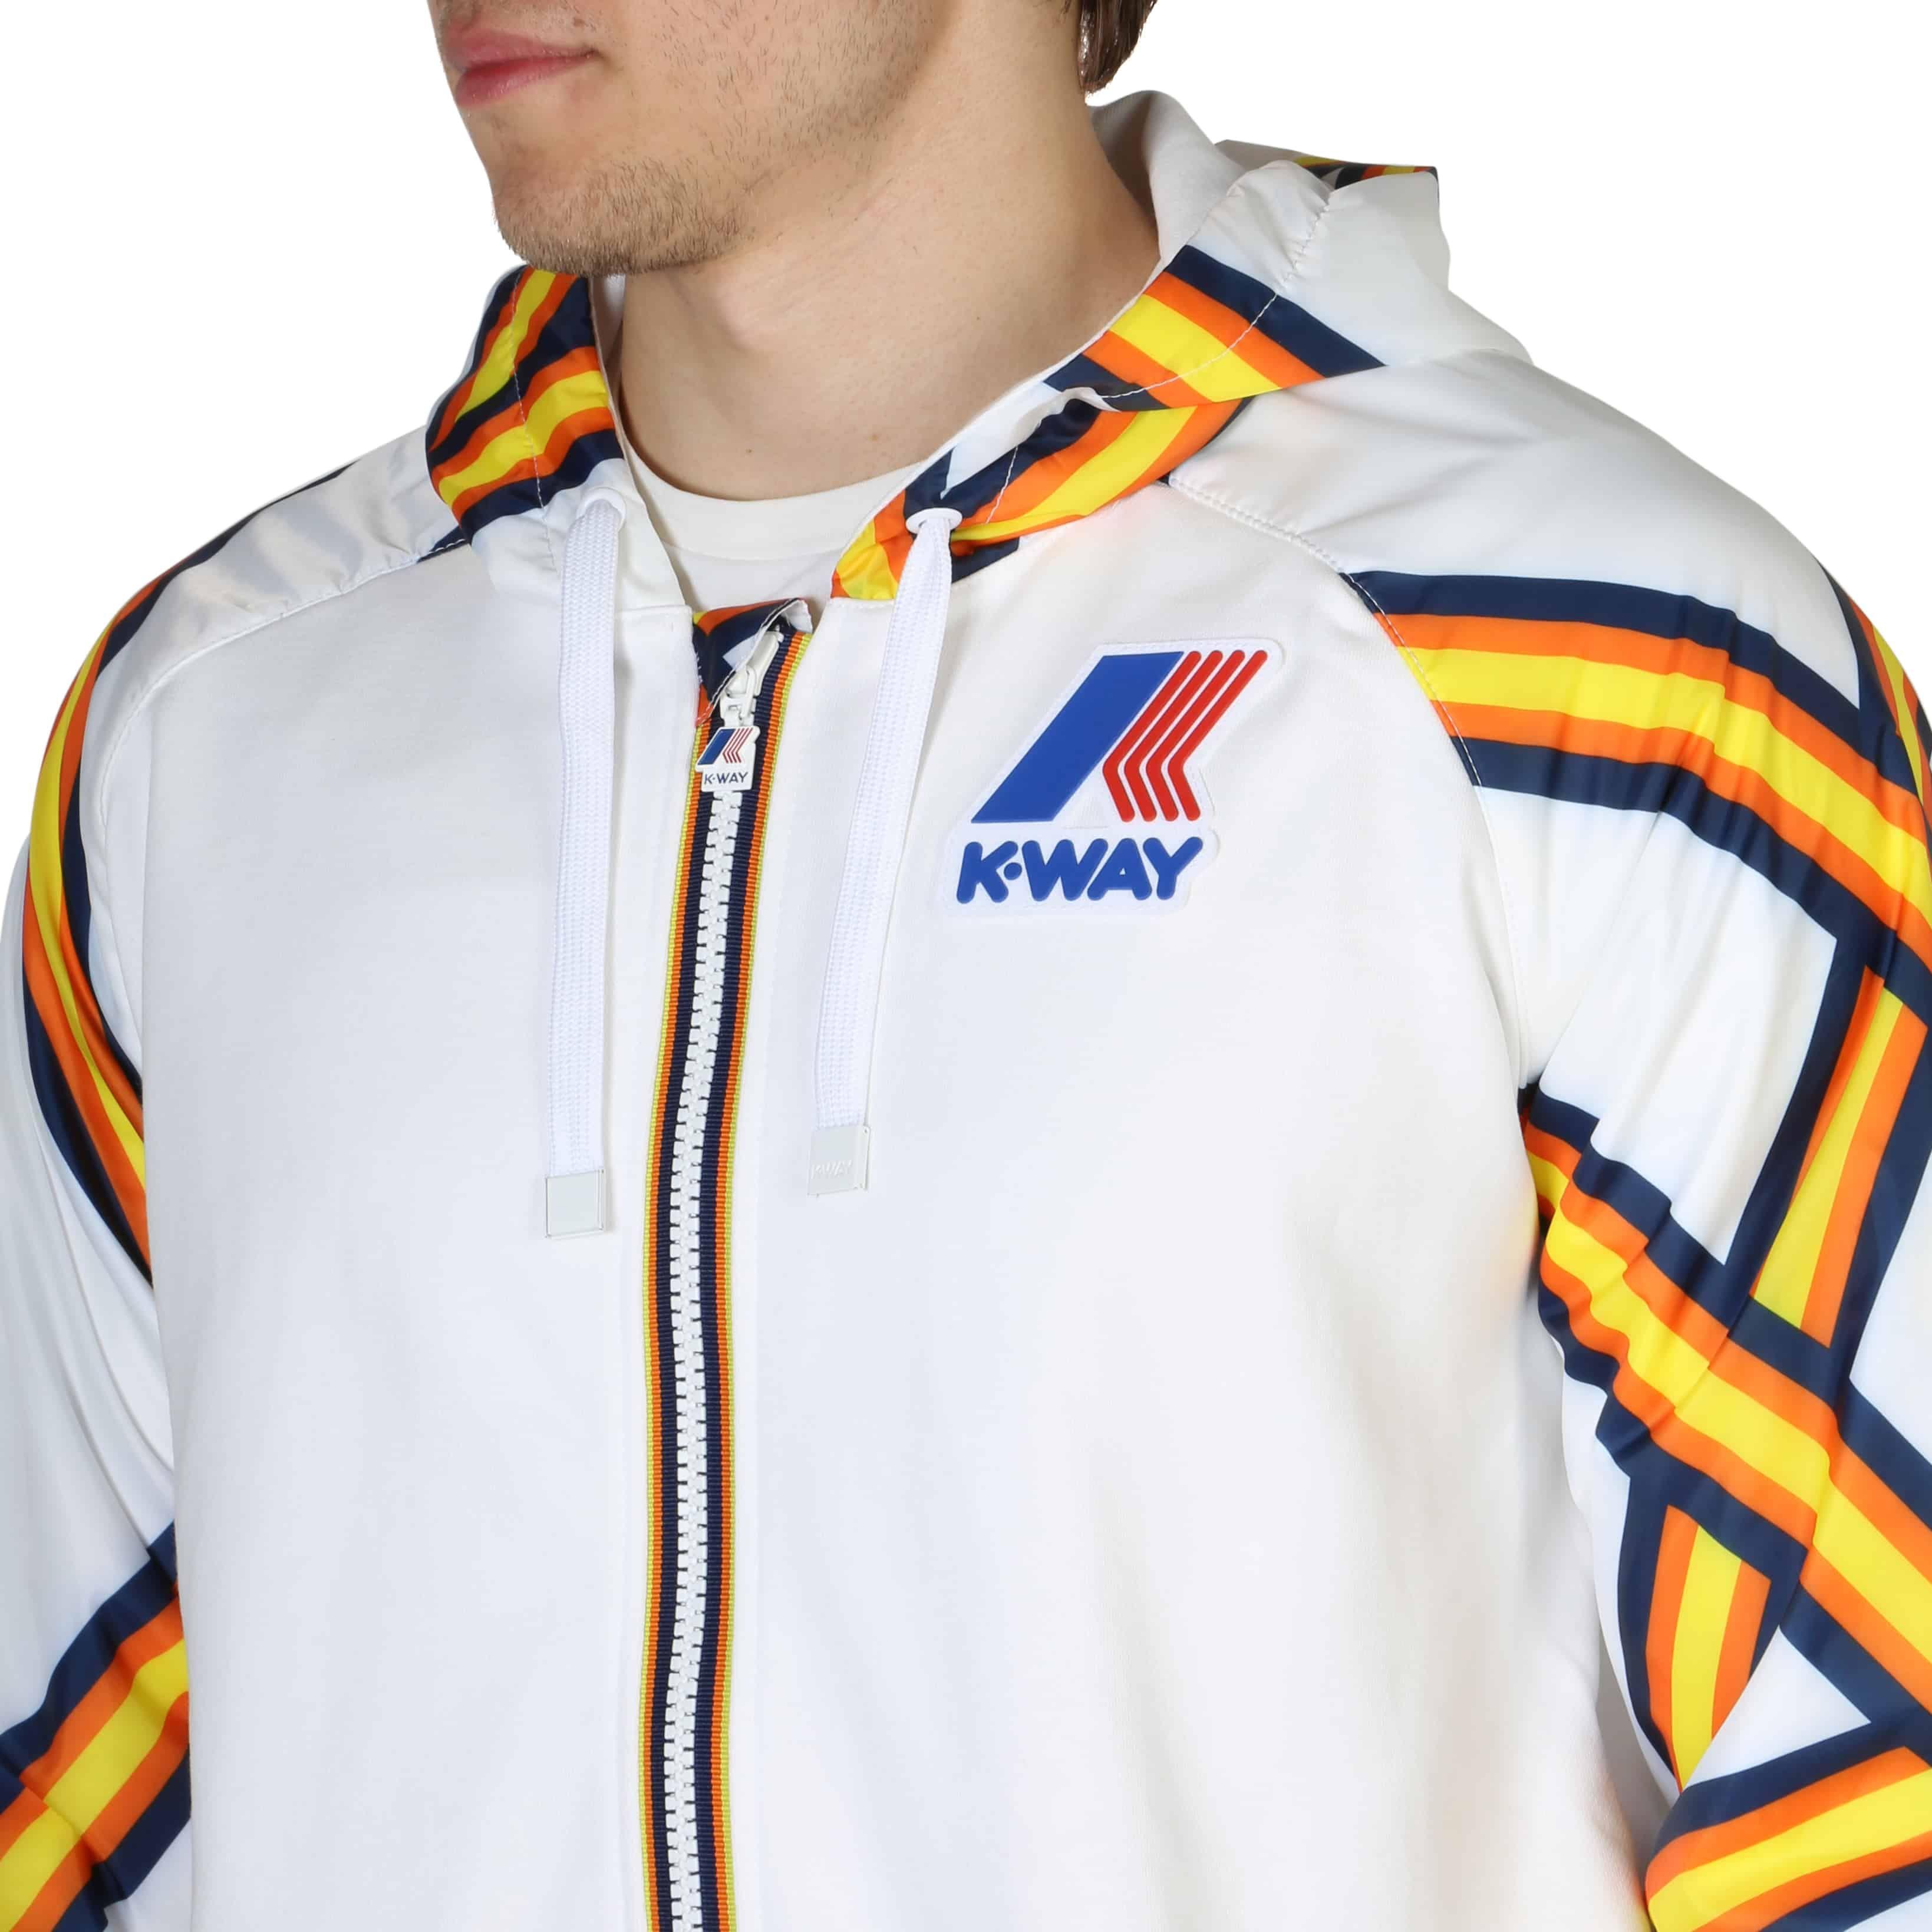 Bekleidung K-Way – K009E60 – Weiß